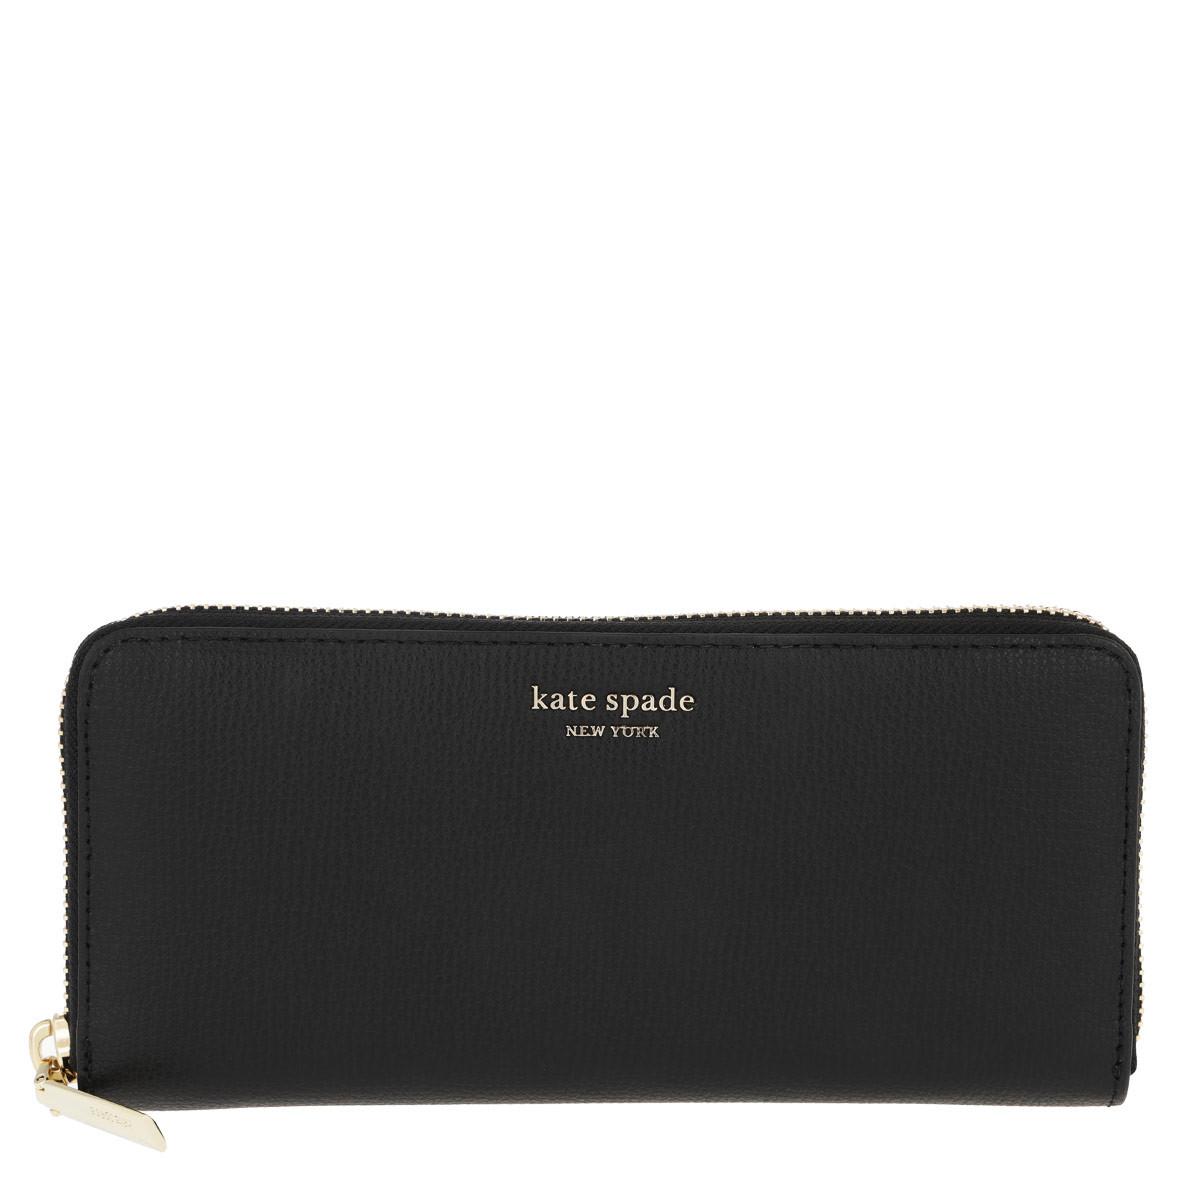 Kate Spade New York Portemonnaie - Sylvia Small Wallet Black - in schwarz - für Damen